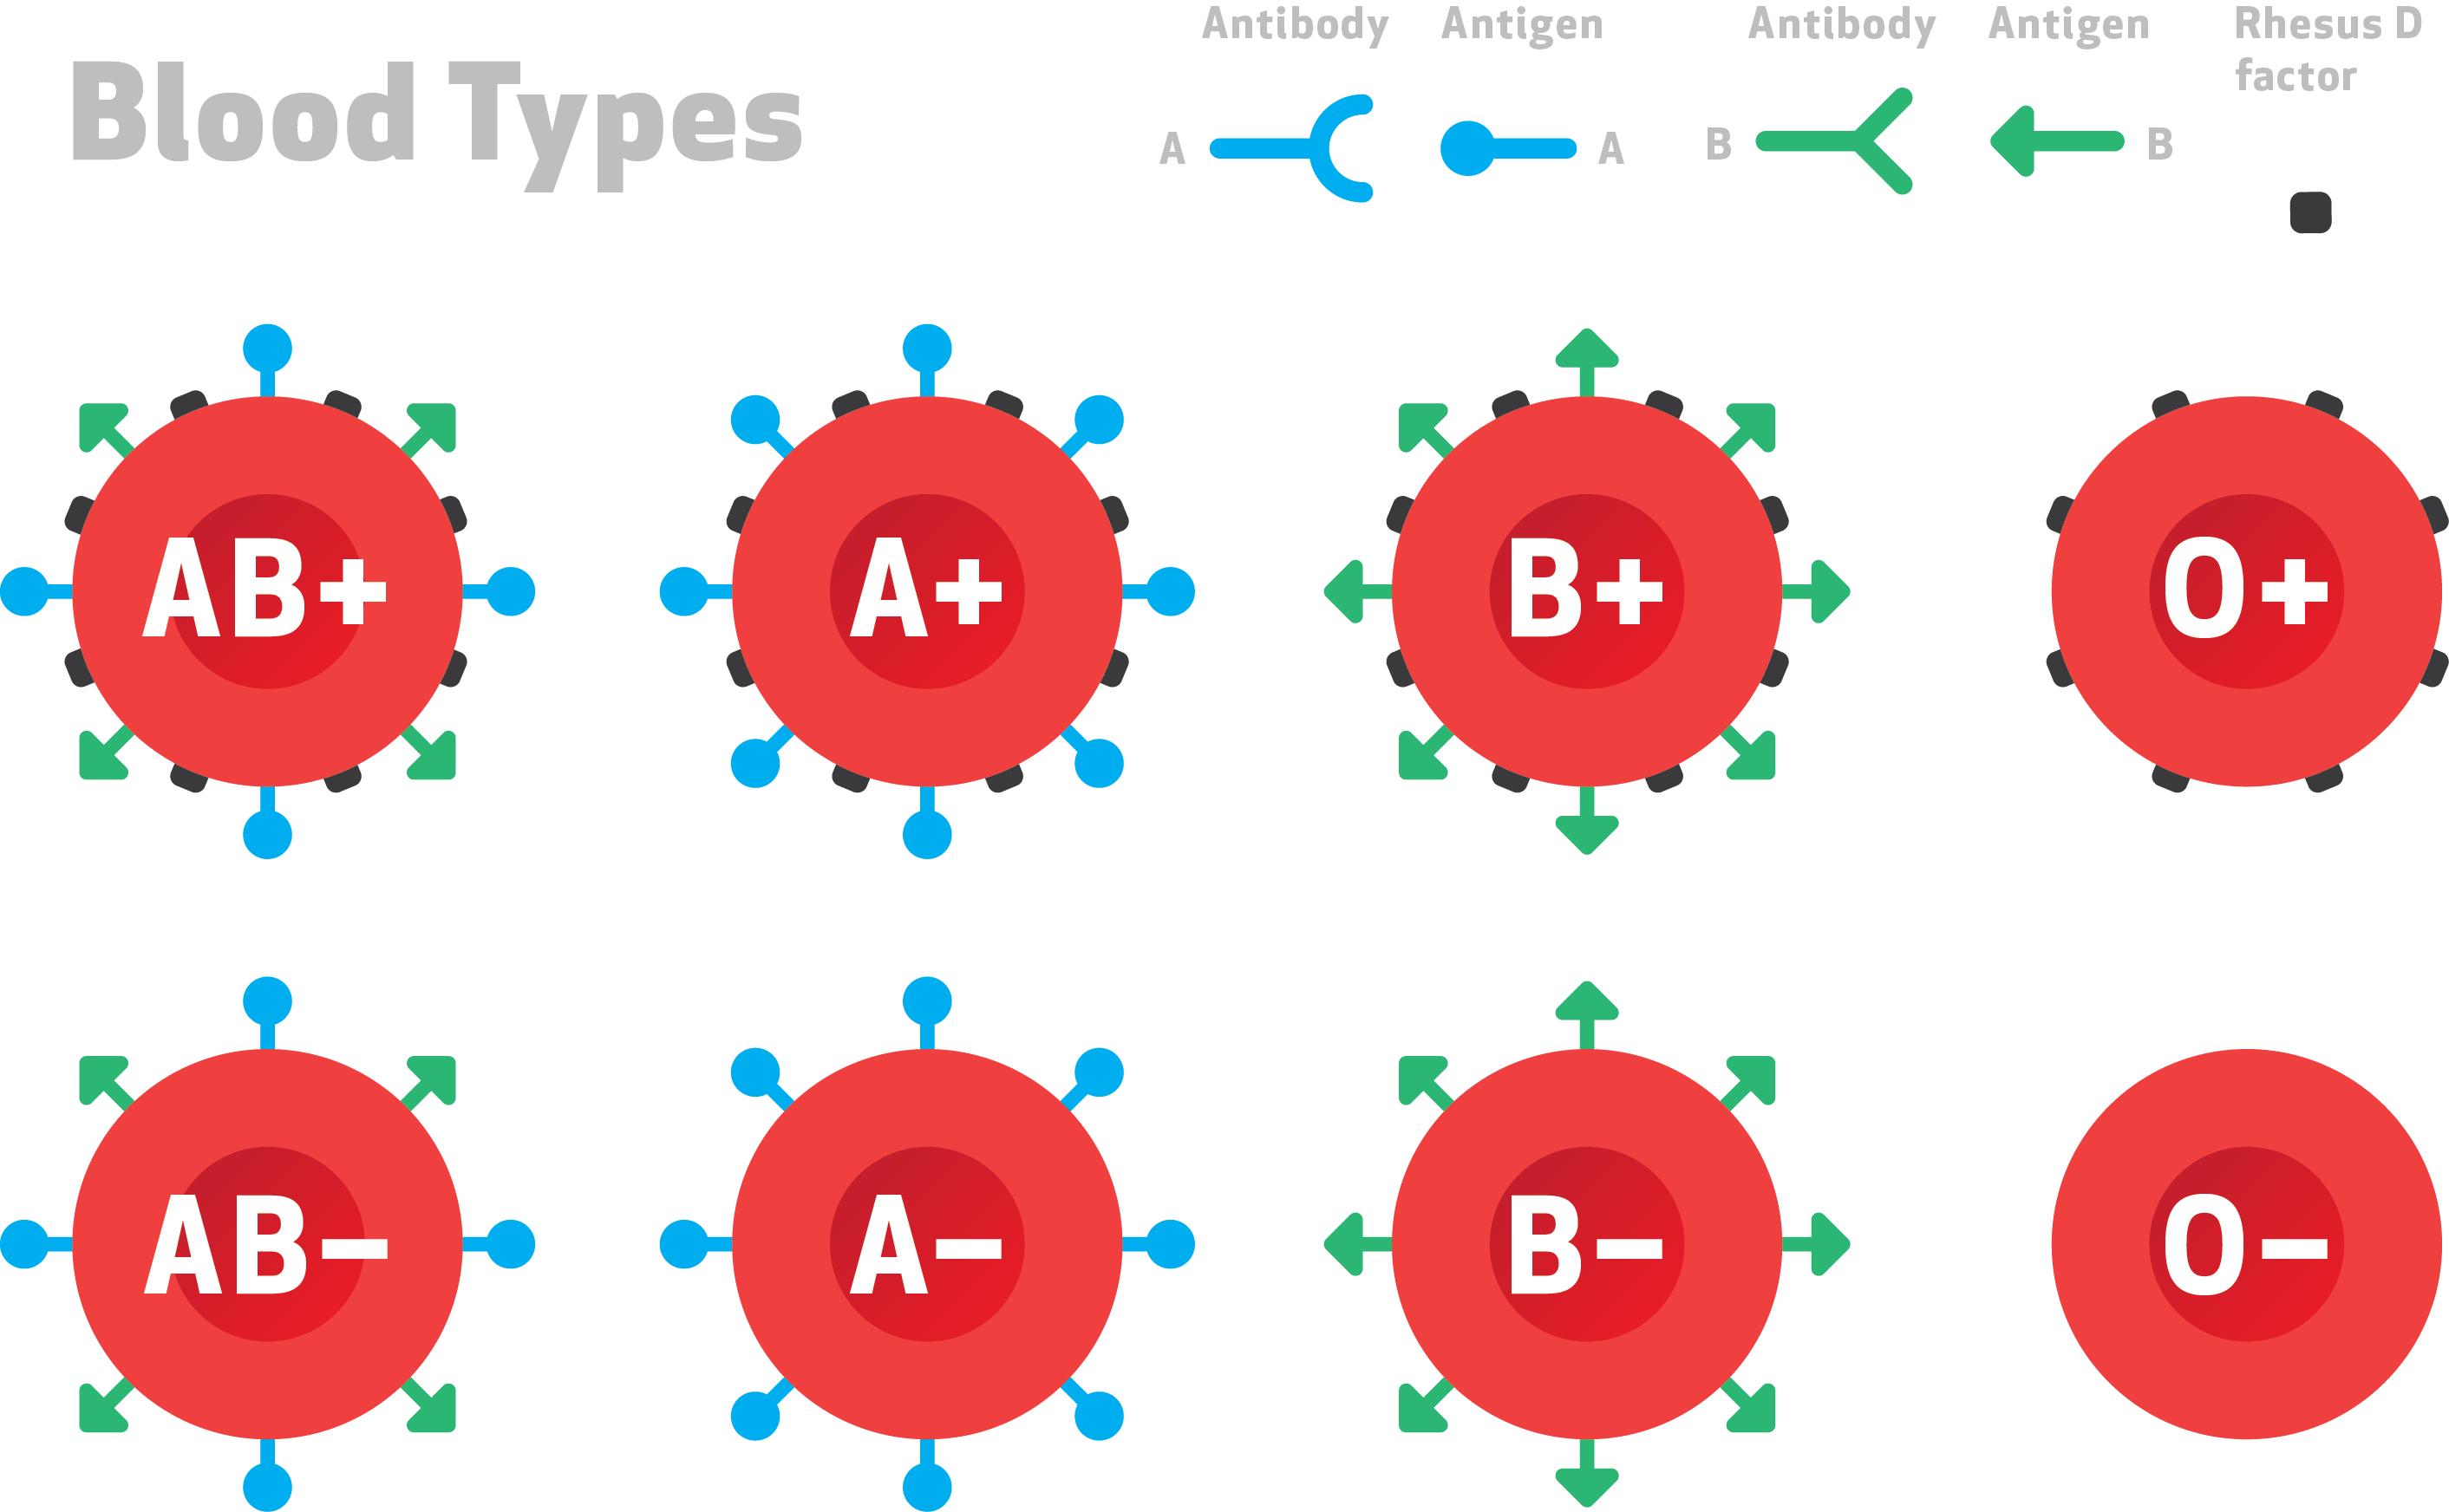 كيف أعرف فصيلة دمي دليلك الكامل لمعرفة كل ما يخص فصيلة دمك ؟